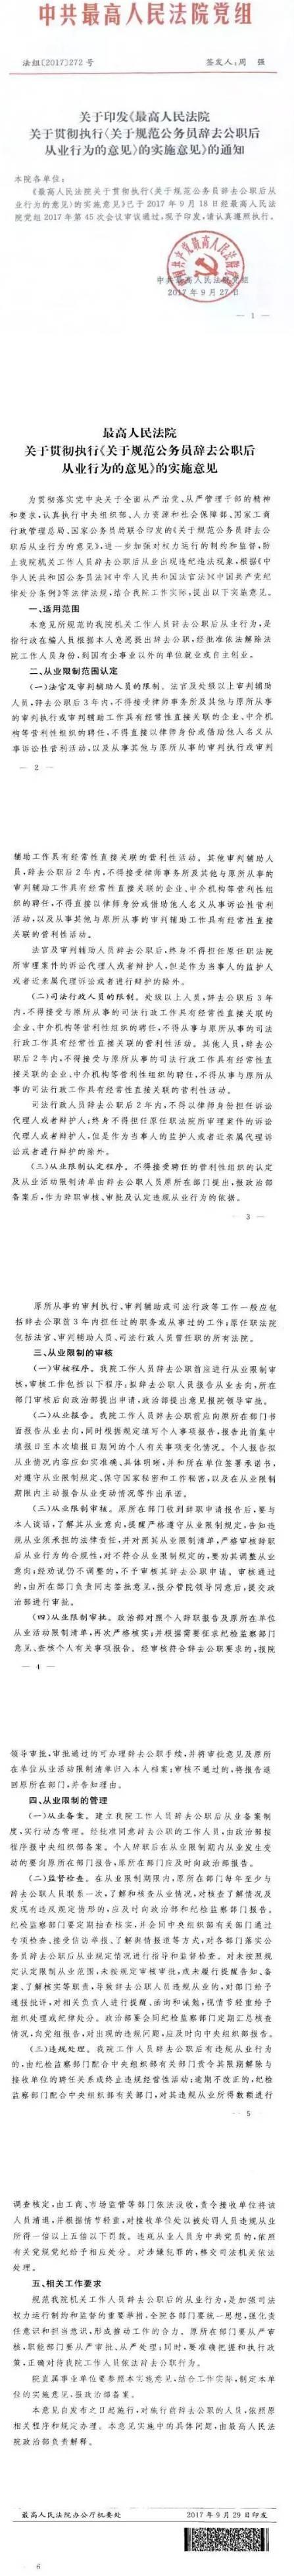 法组〔2017〕272号 关于印发《最高人民法院关于贯彻执行〈关于规范公务员辞去公职后从业行为的意见〉的实施意见》的通知